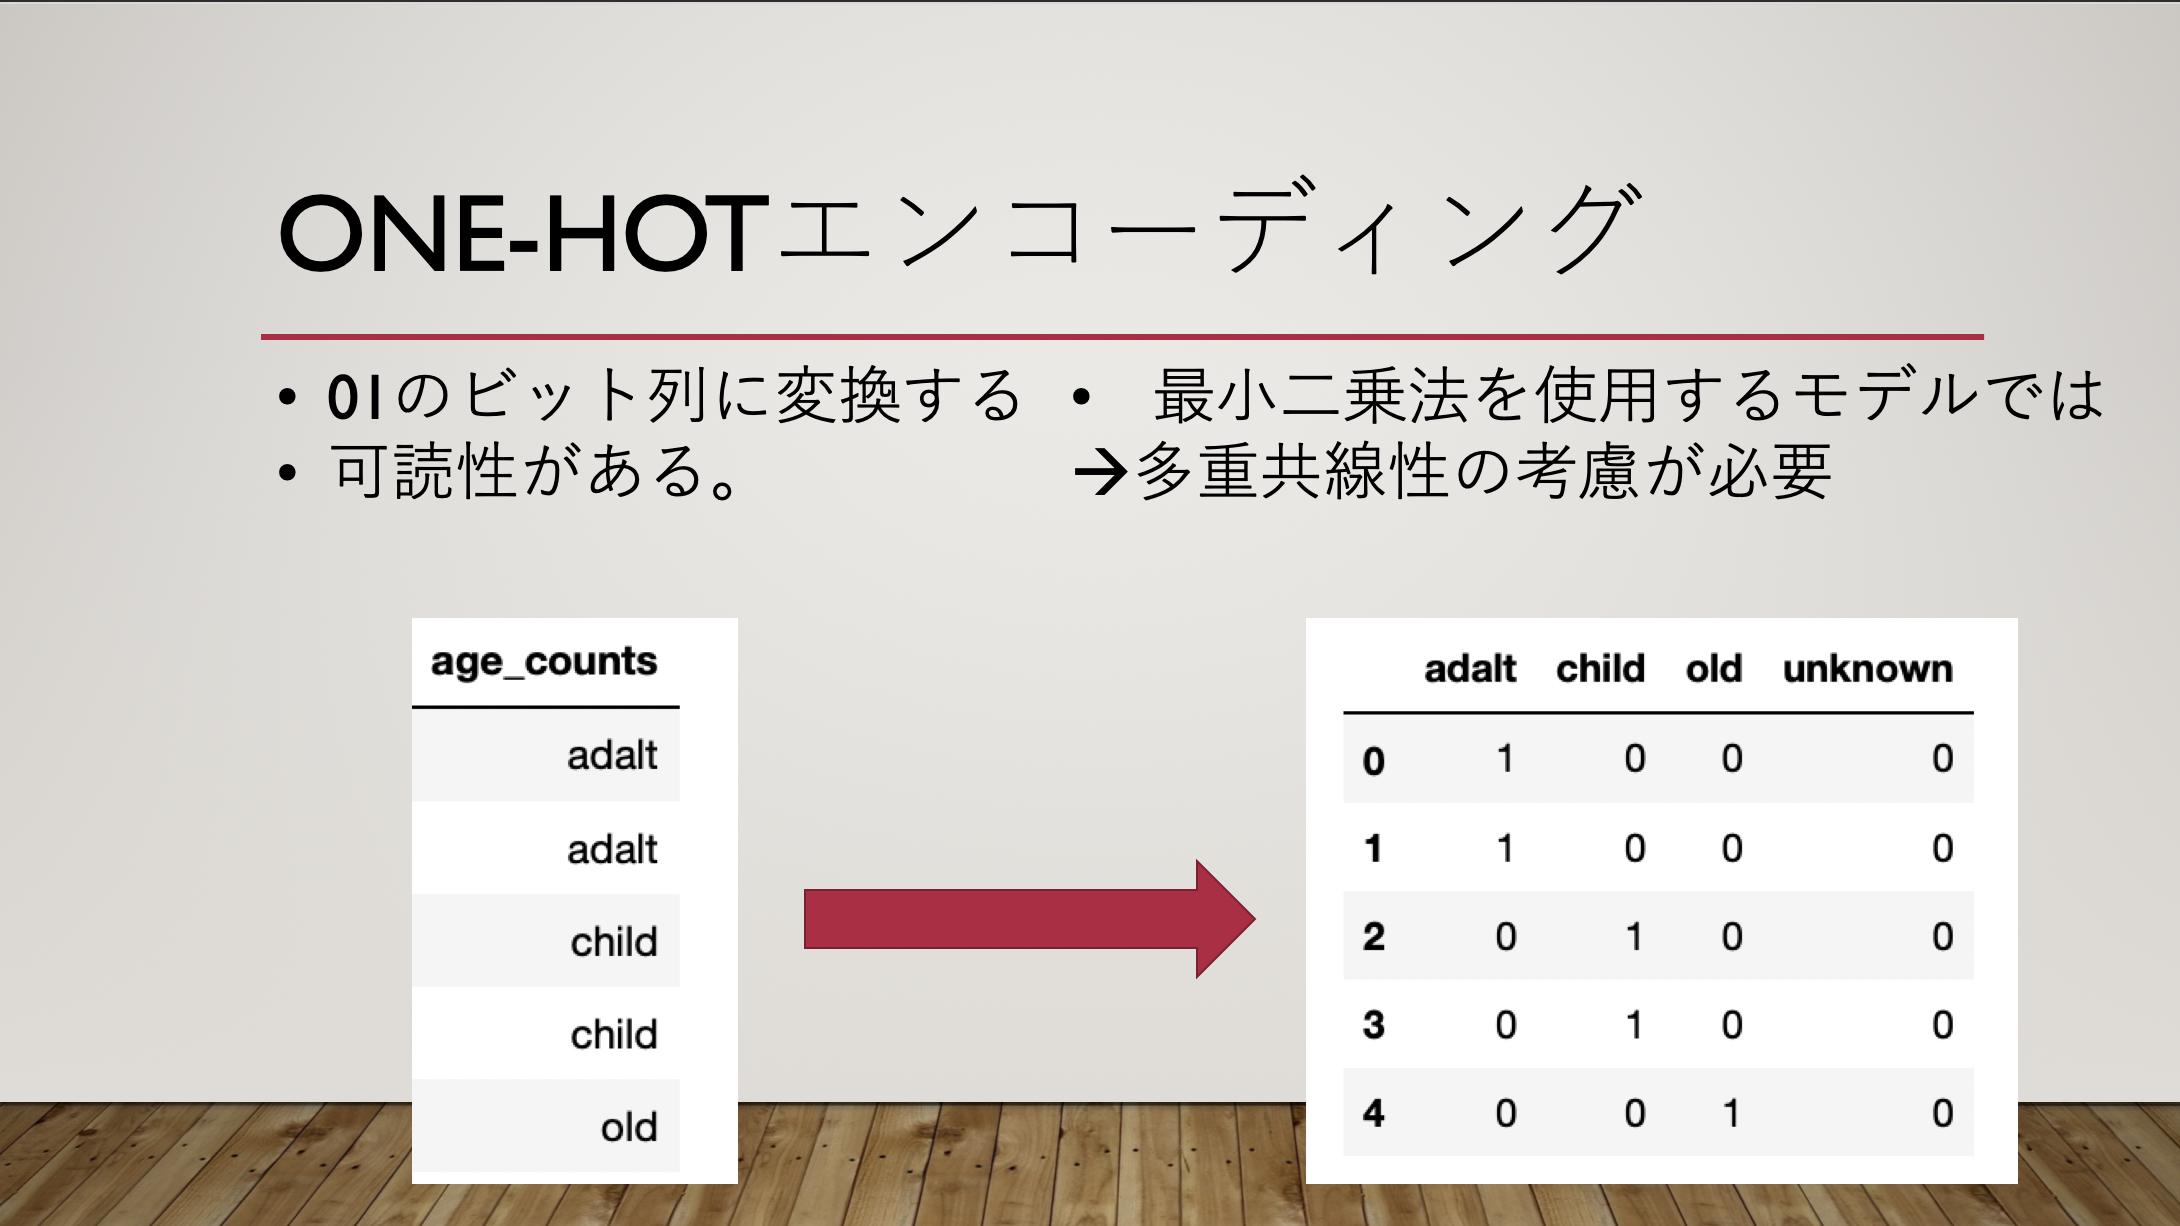 one-hotのスライド